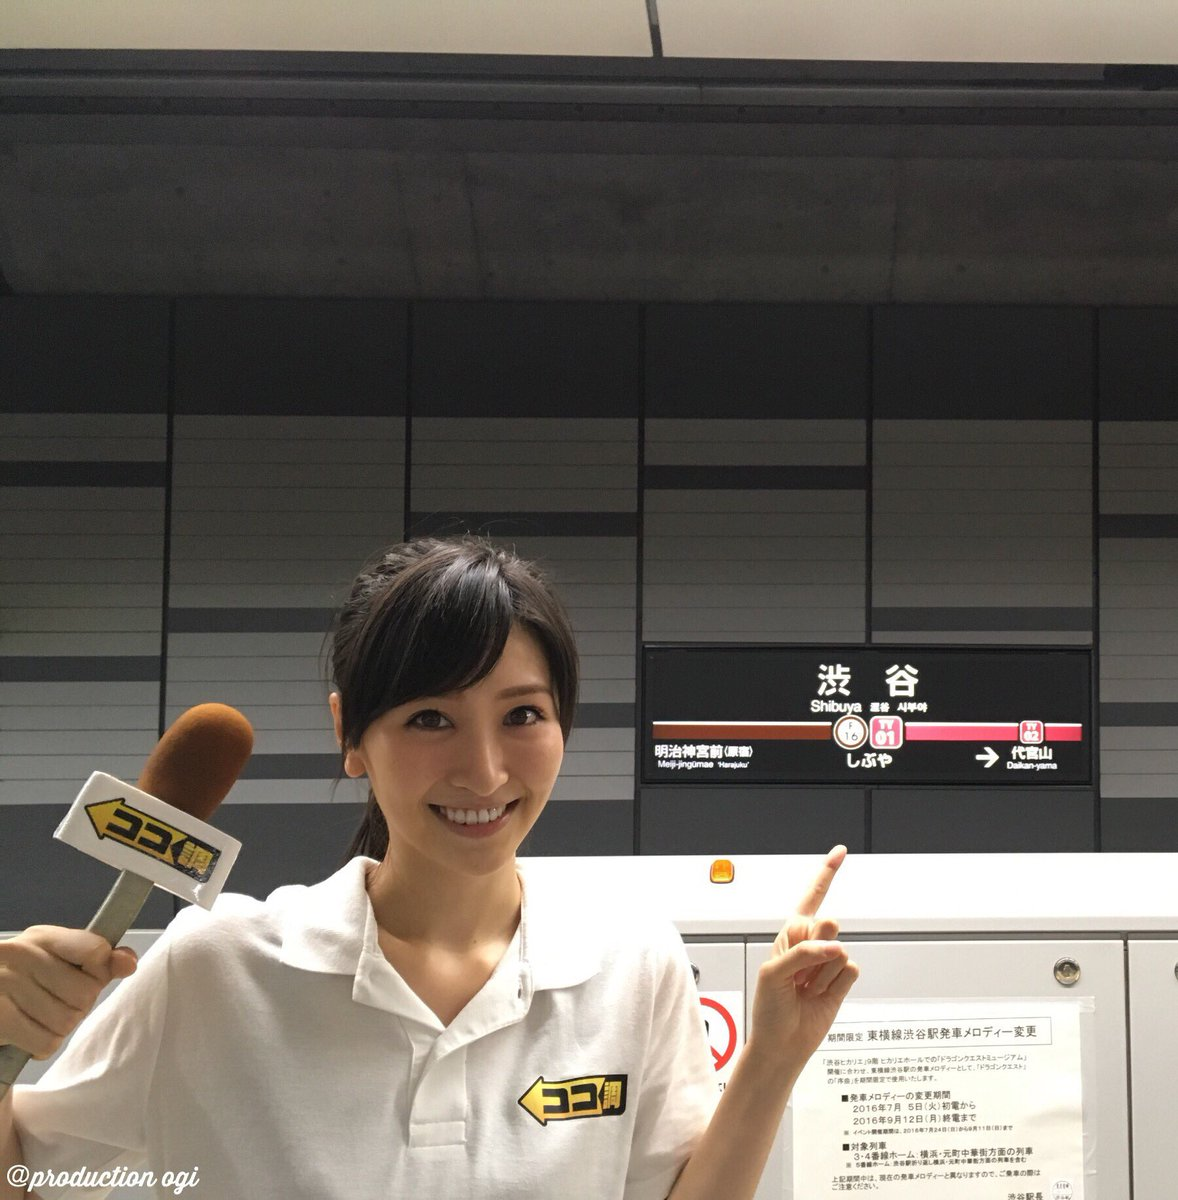 めざましテレビありがとうございました⏰ クイズの正解は、東横線の渋谷駅でした〜🚃✨ ドラゴンクエスト…